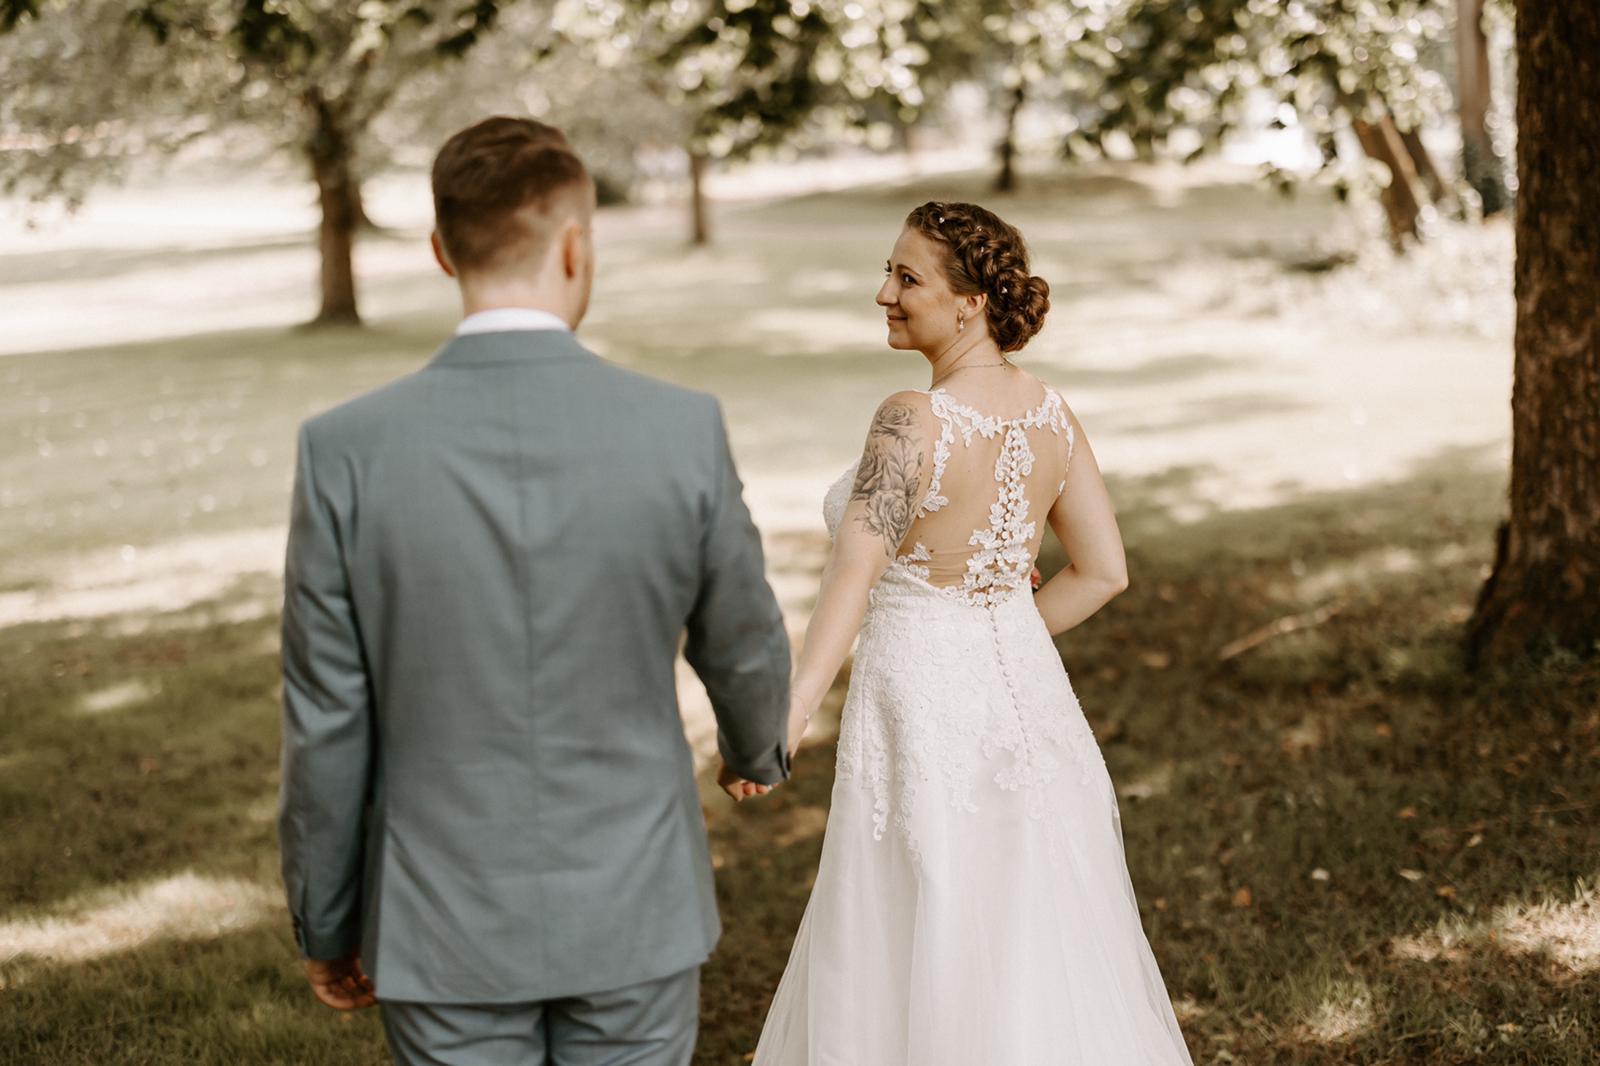 geflochtene mit Updo gestylte Brautfrisur Foto by Sara Eisenmann